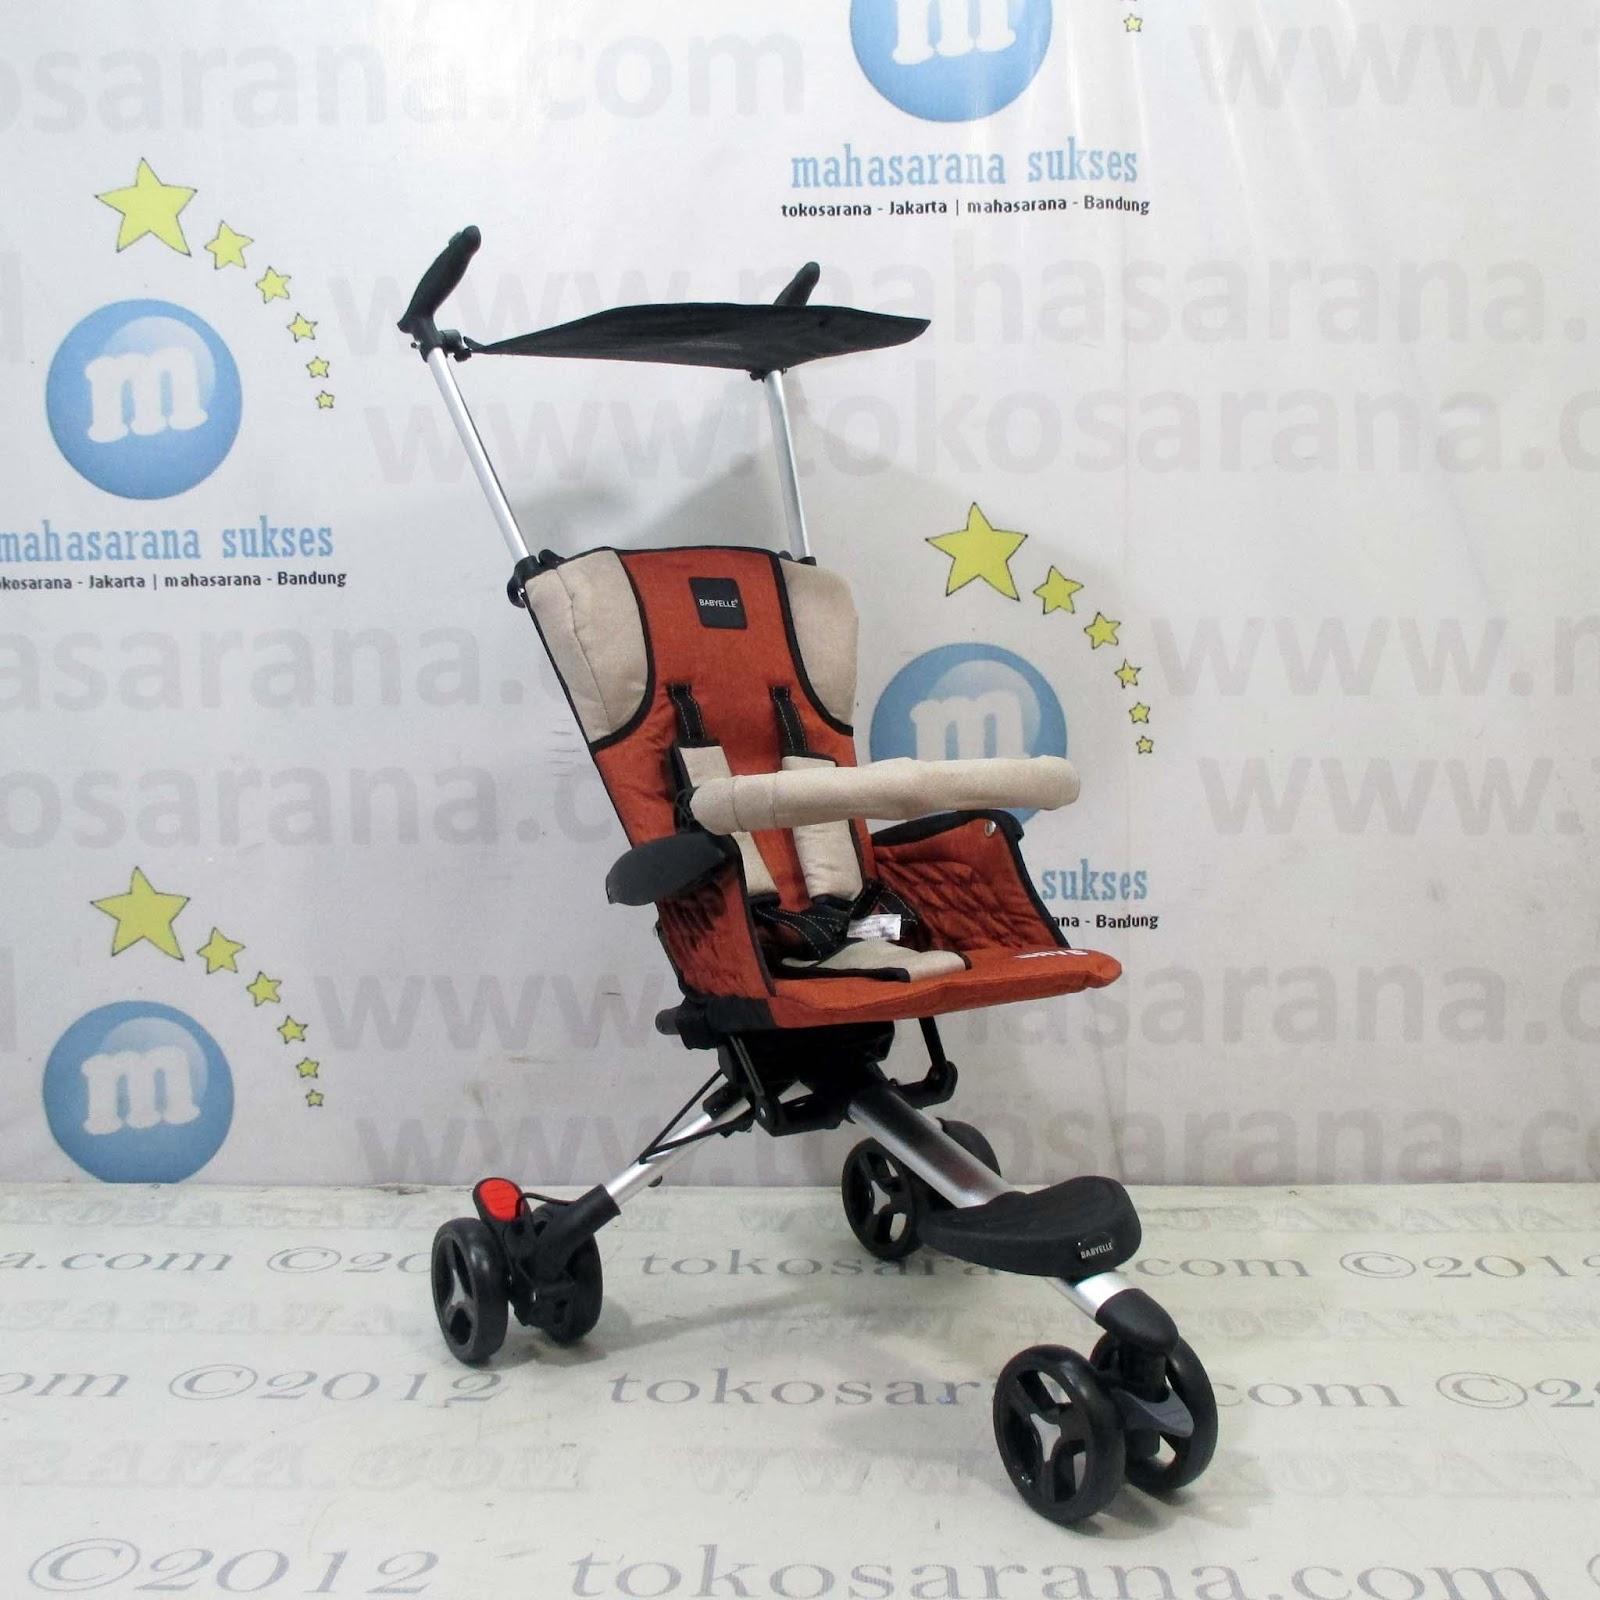 Swing Chair Mudah Rocking Design Jimi Tokosaranajakarta Jatinegara Mahasarana Suksesbandung